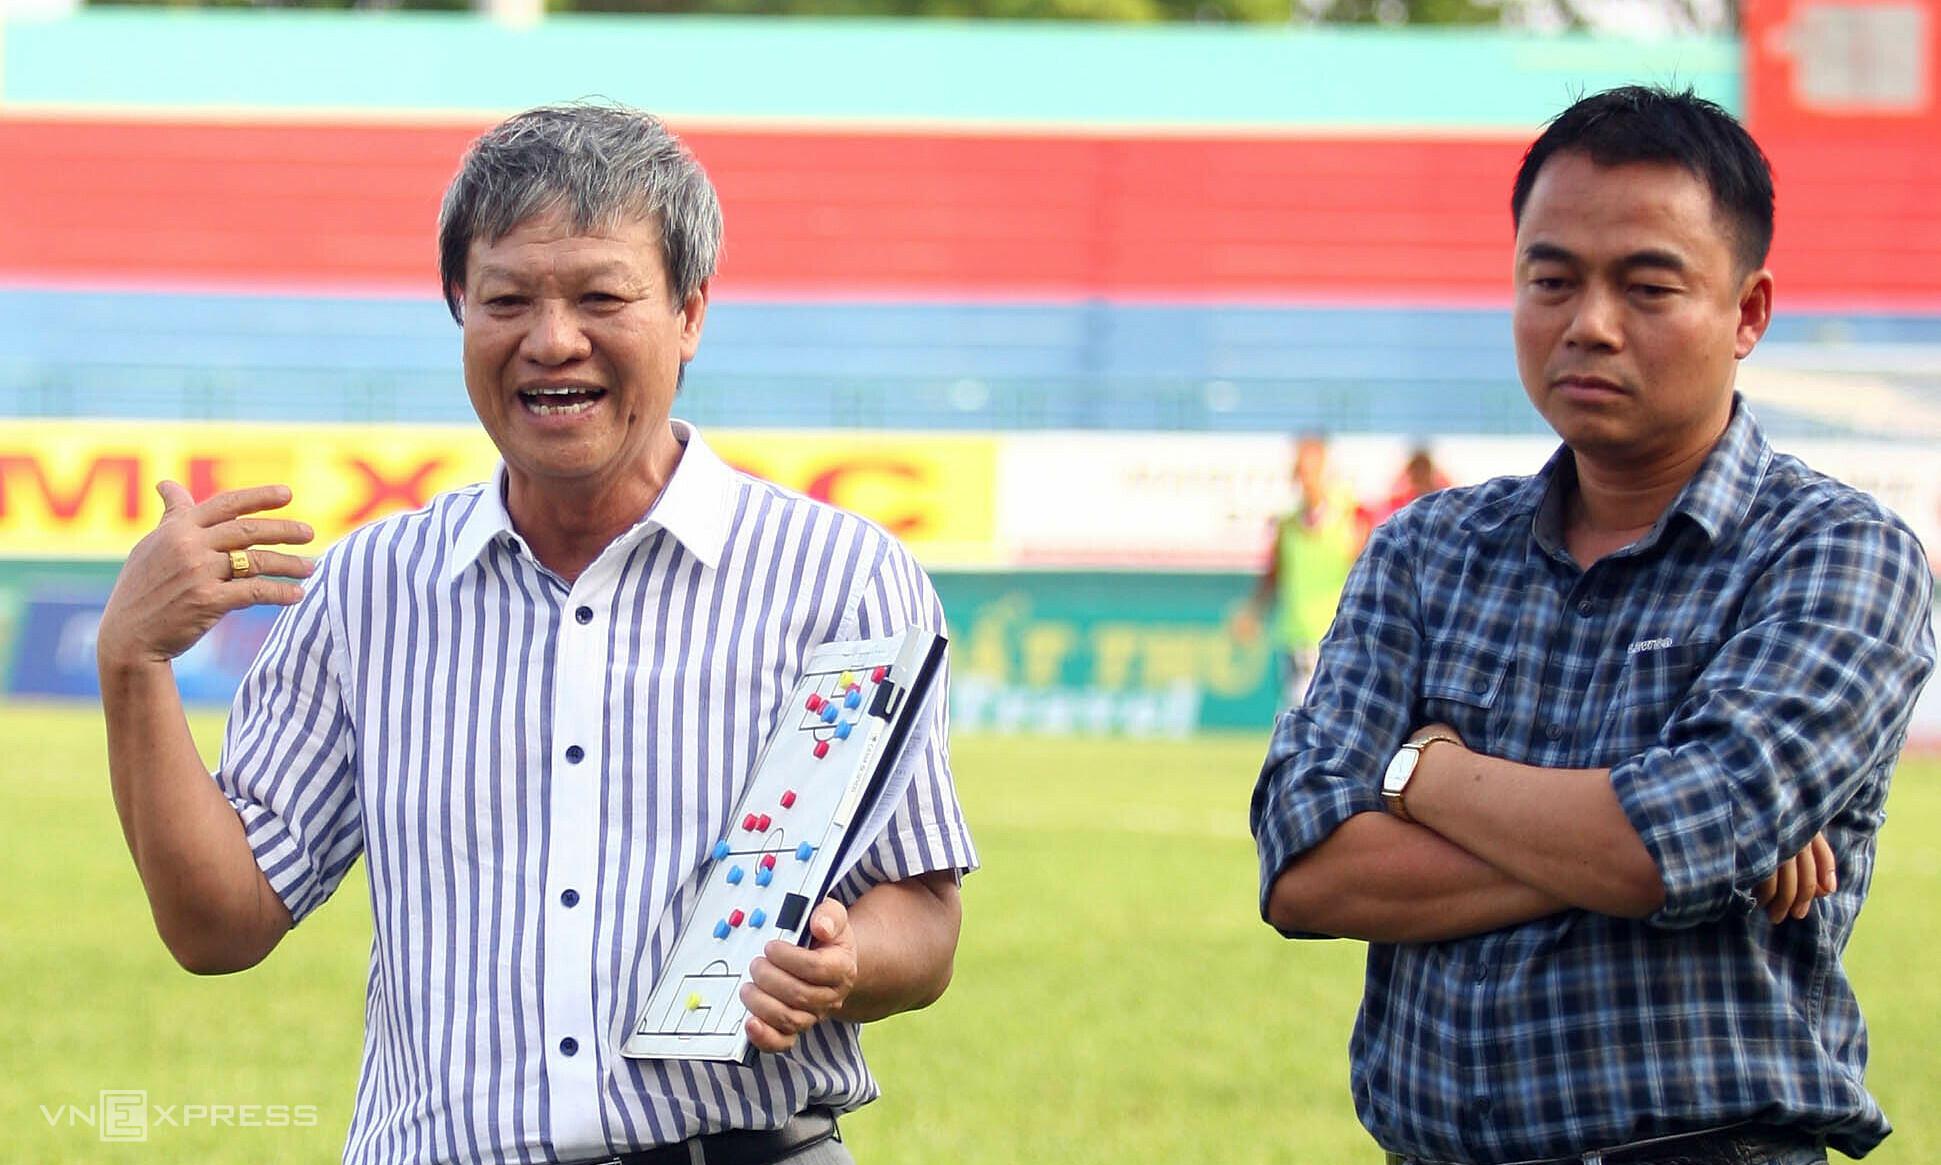 Sinh thời, HLV Lê Thuỵ Hải tạo ra văn hoá không can thiệp vào công việc chuyên môn từ các ông bầu ở V-League. Ảnh: Đức Đồng